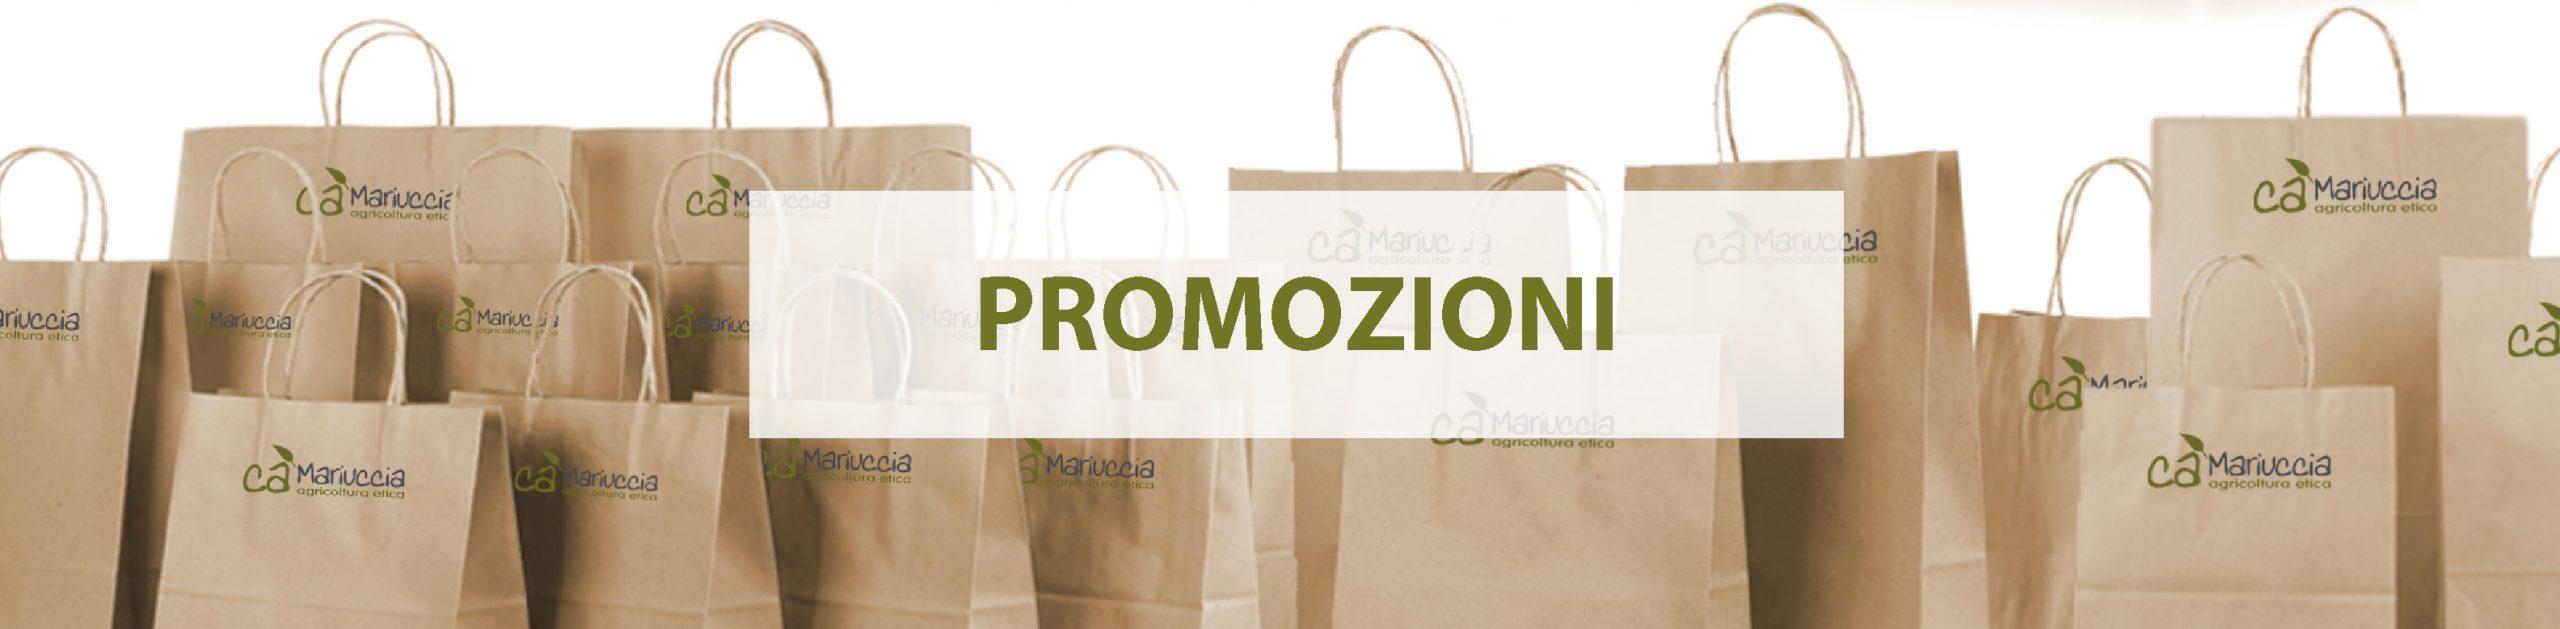 Promozioni